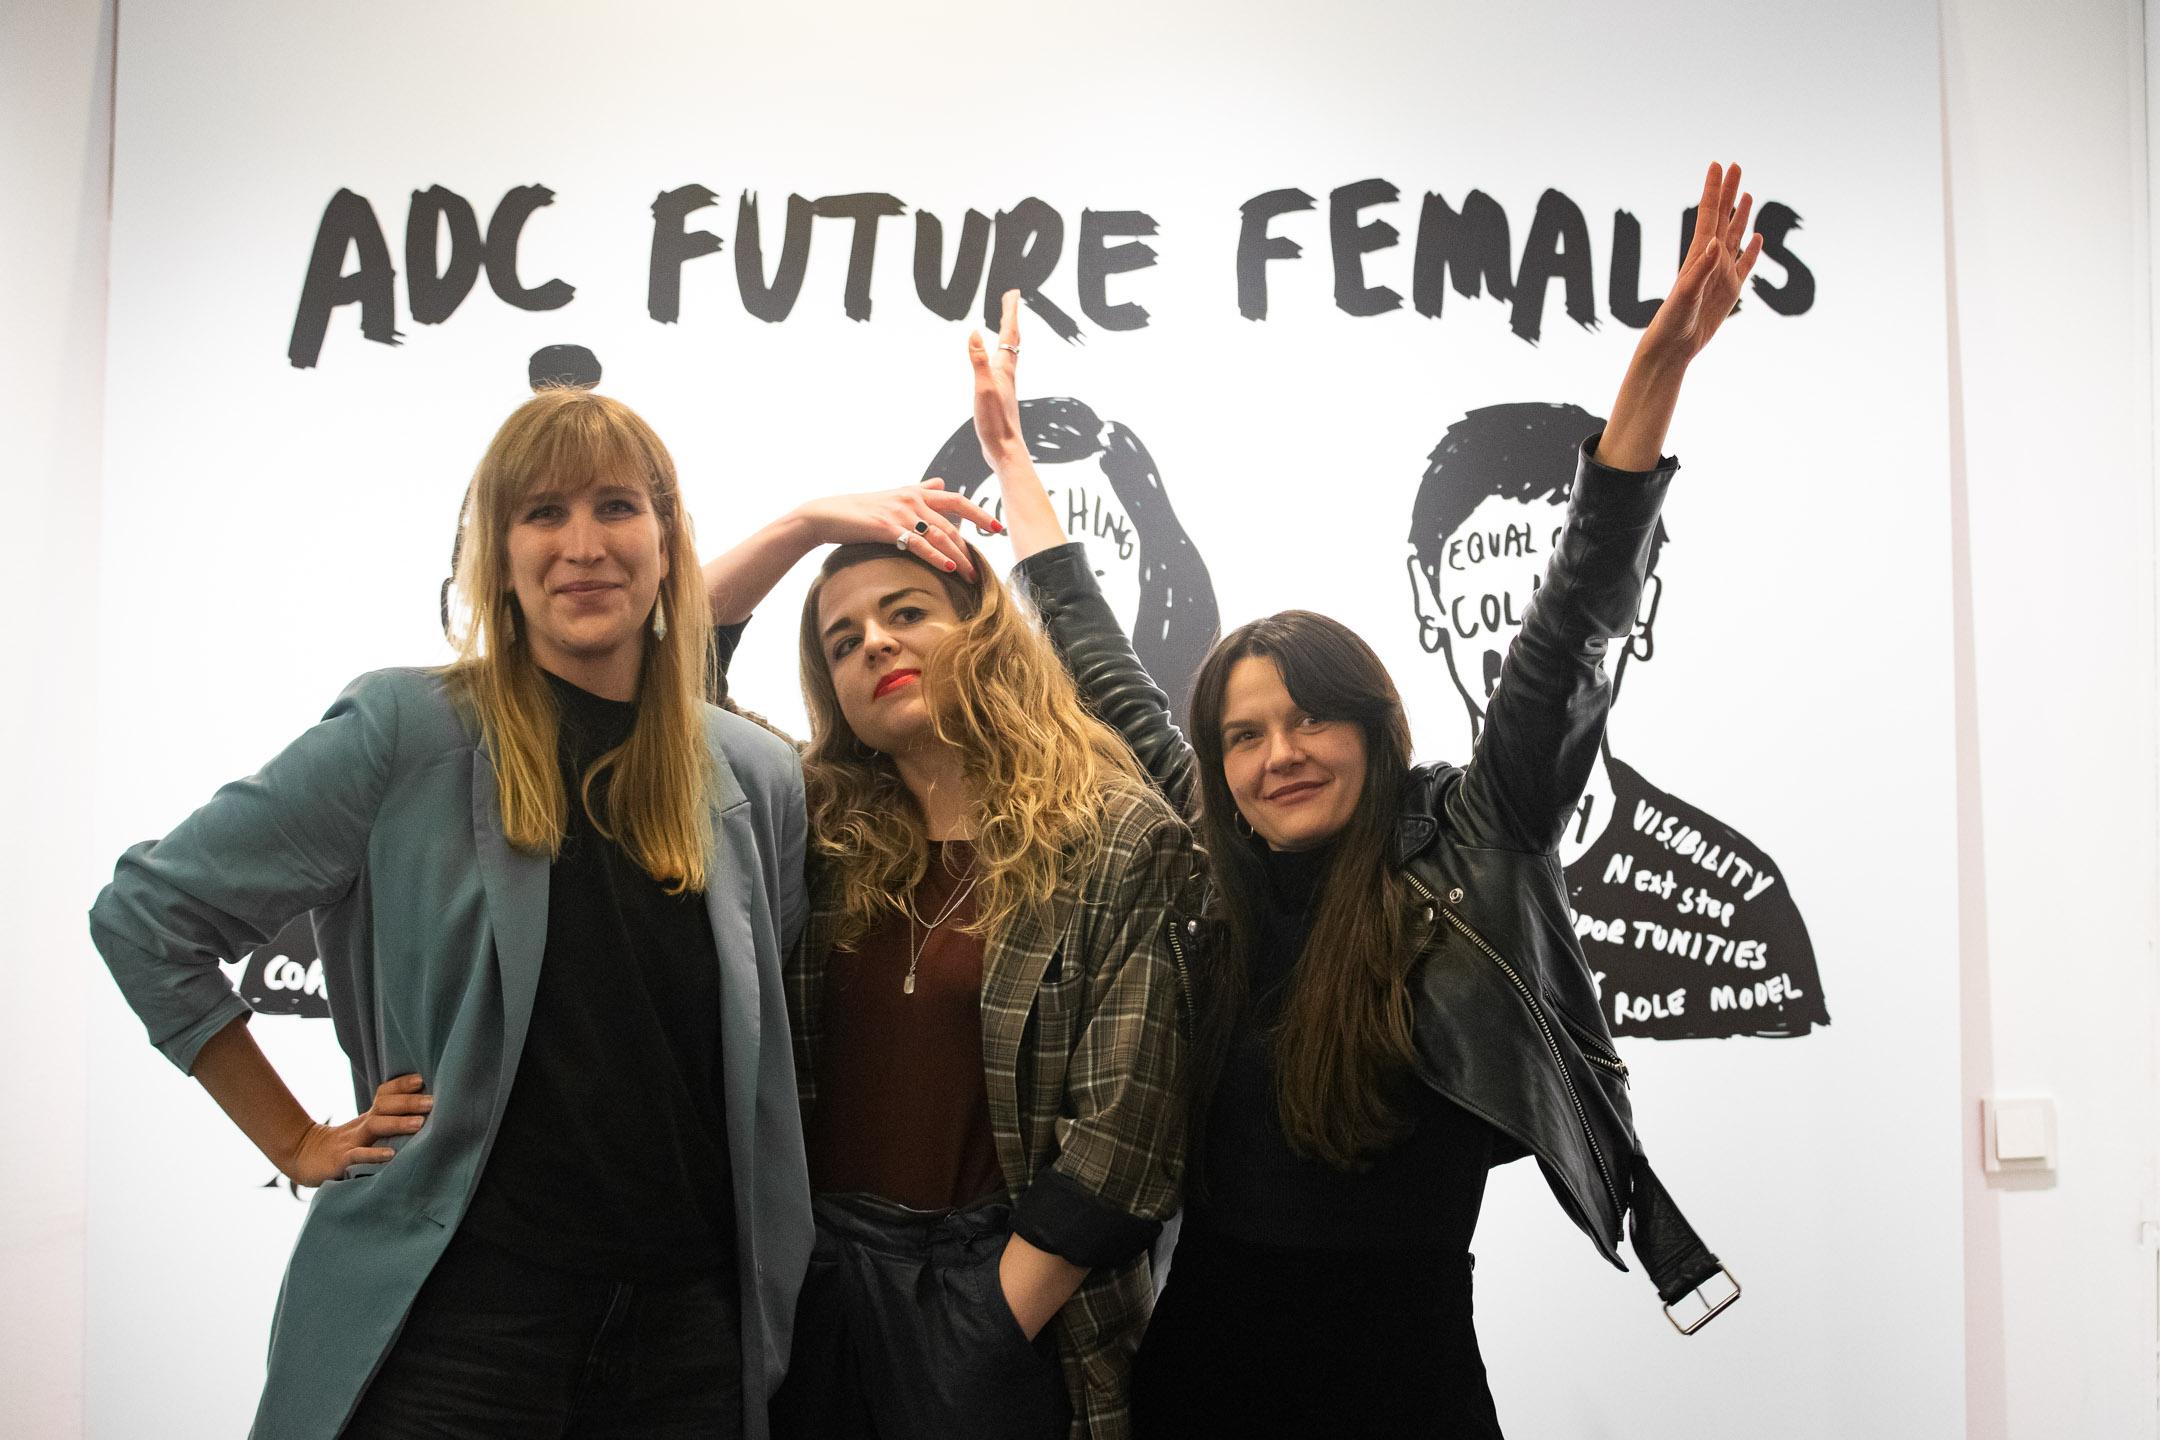 ADC Future Females